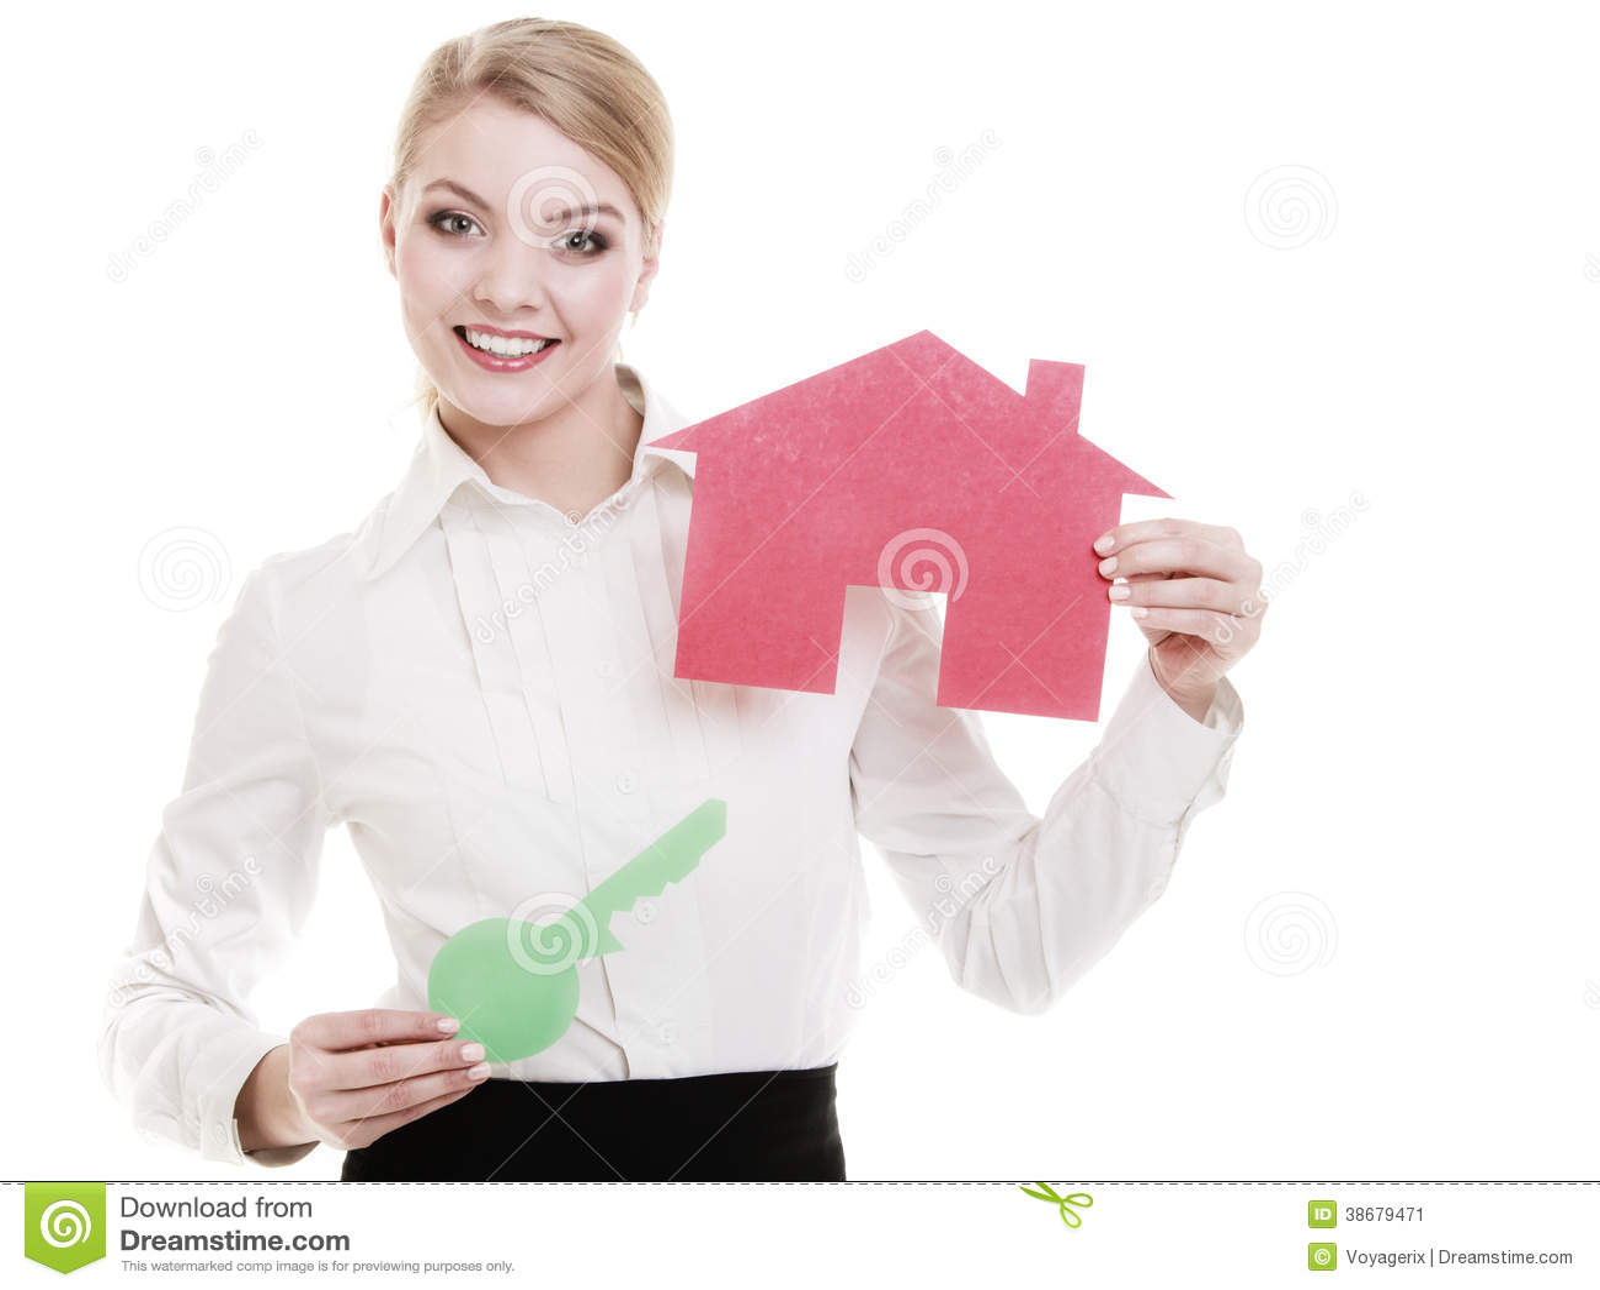 real estate essays